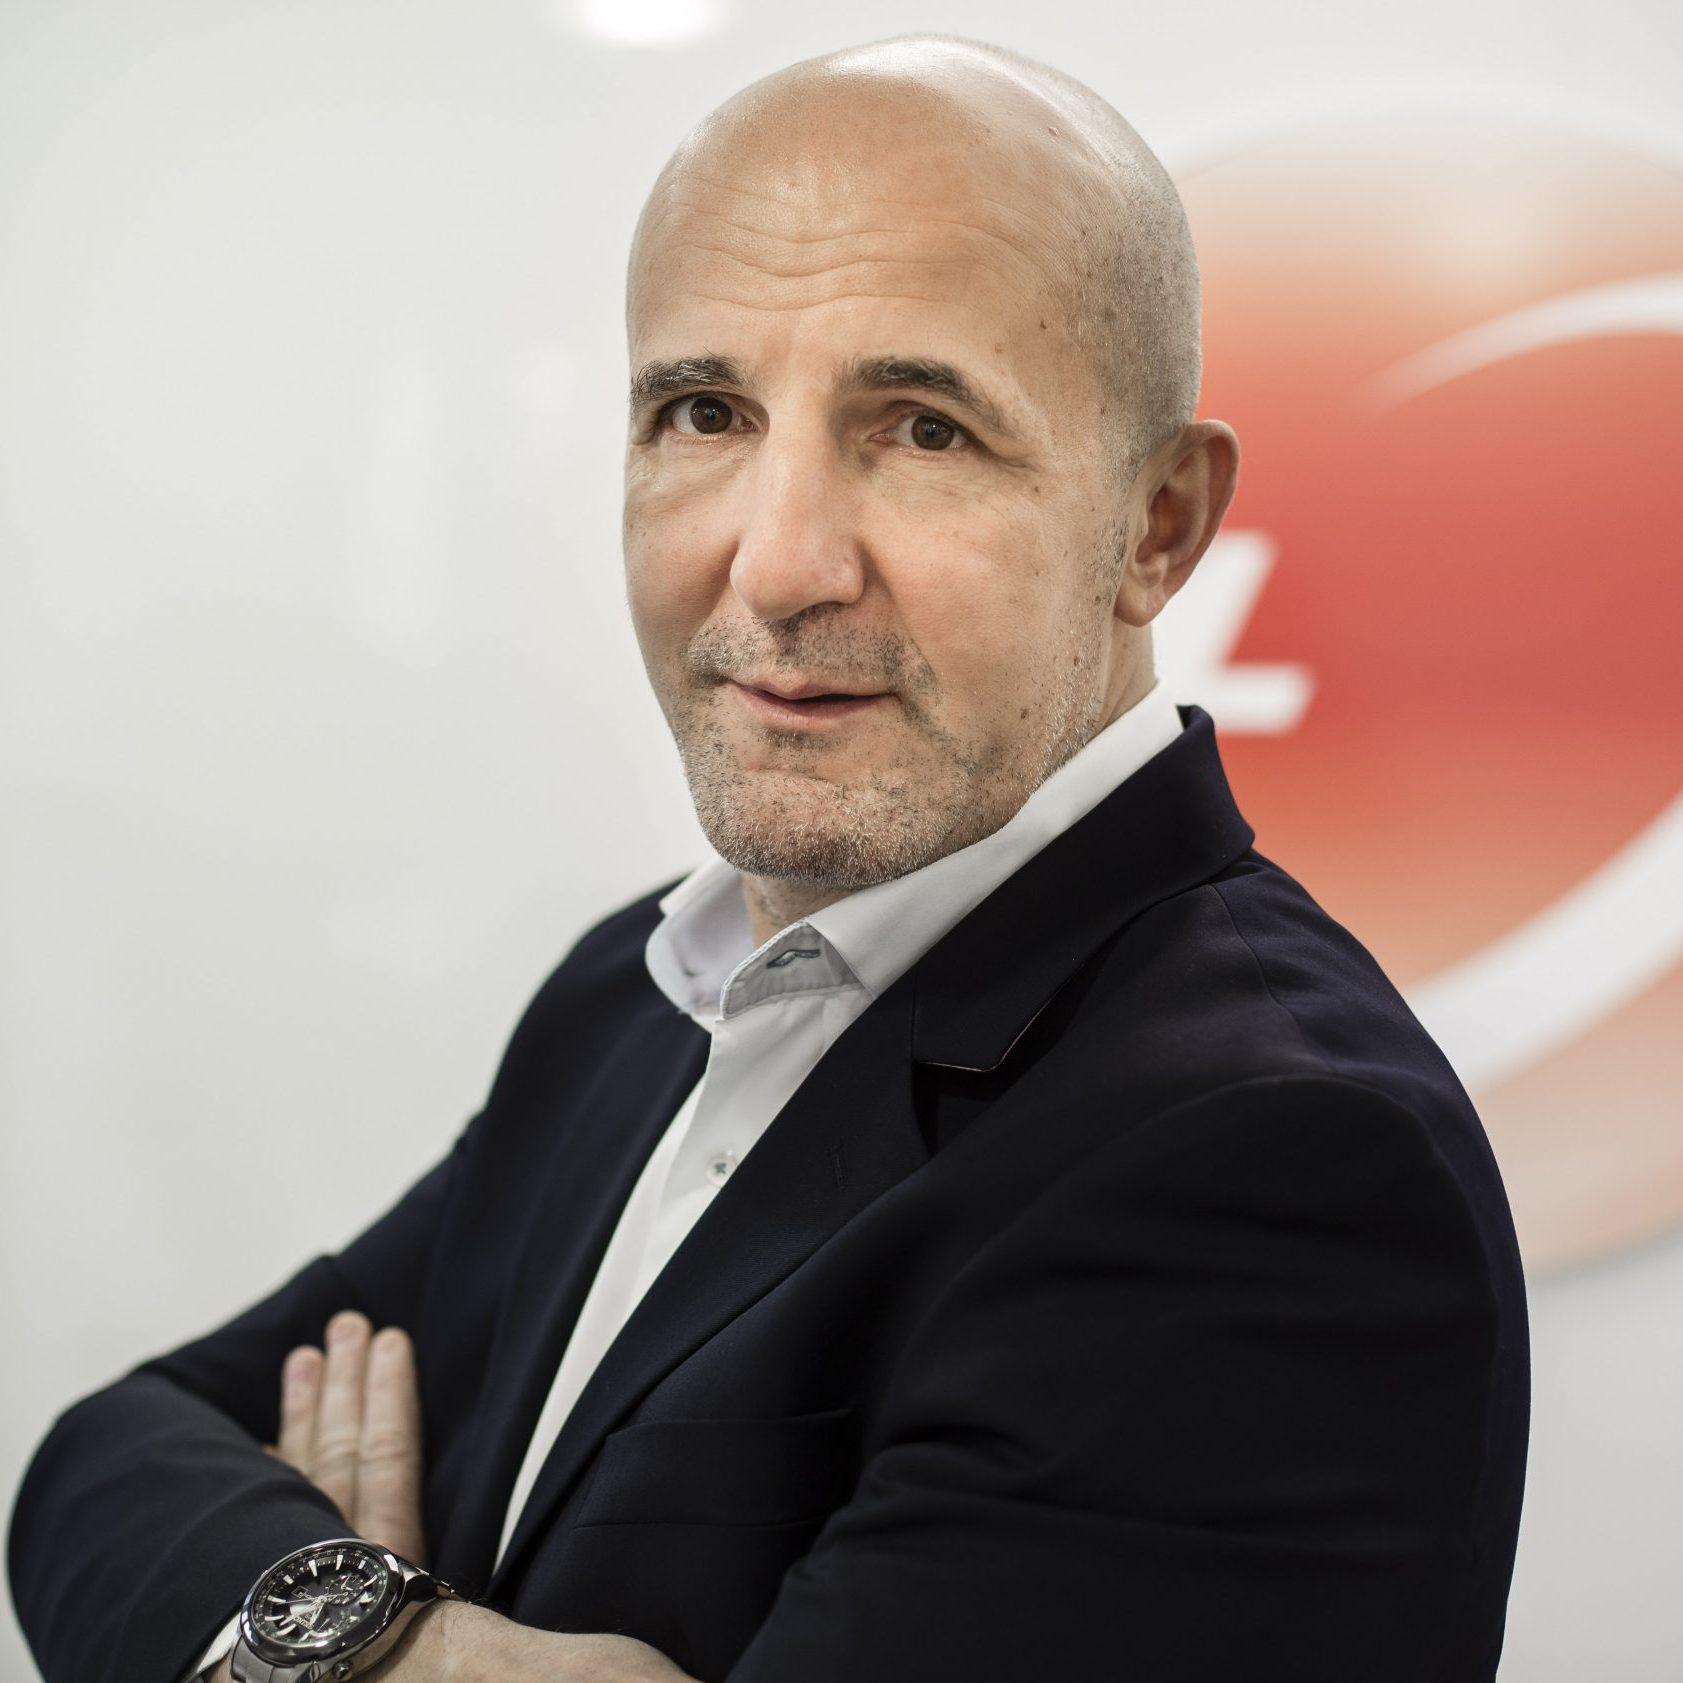 Jean-Marc Thoumelin